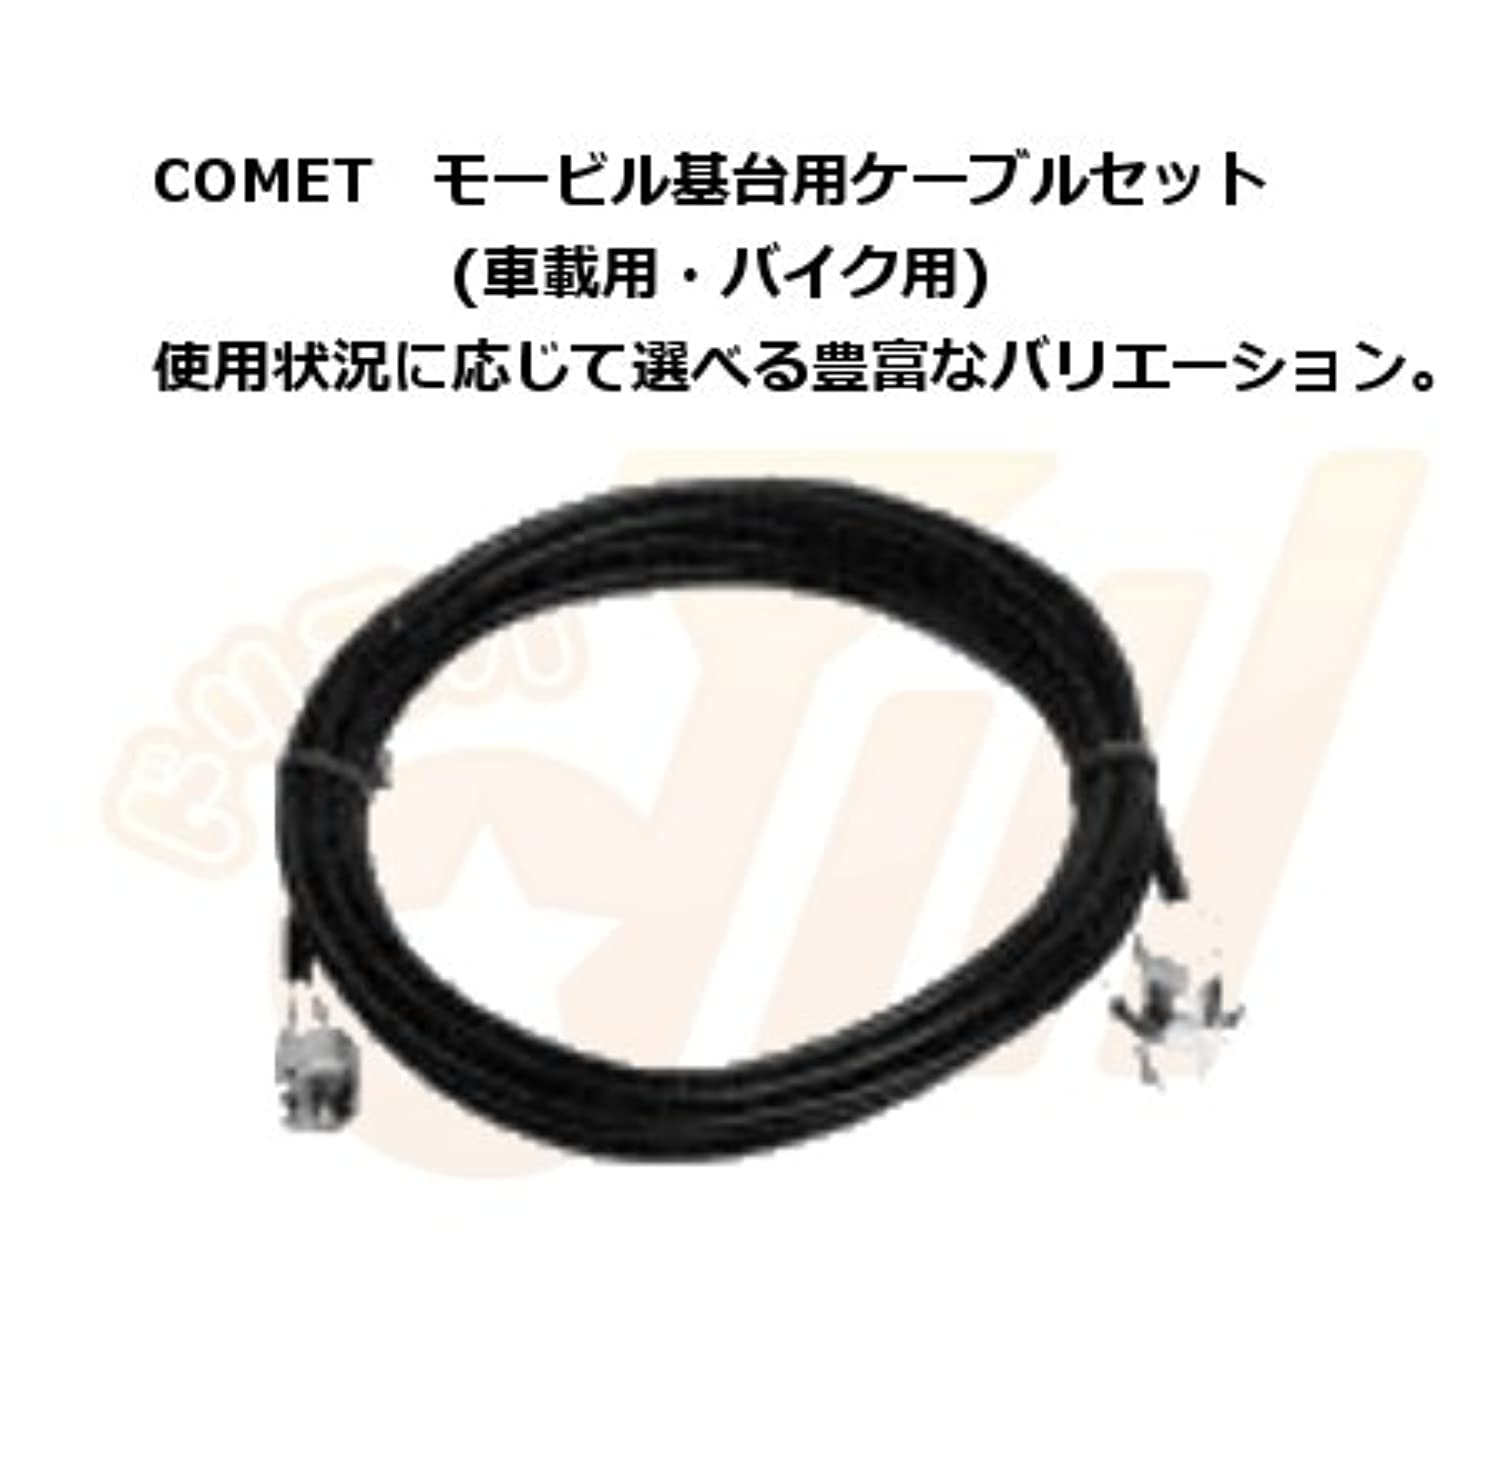 累計蜜彫刻家COMET コメット 2DL1.5B モービル基台用 2D同軸ケーブルセット (車載用?バイク用) 2D-LFB-S